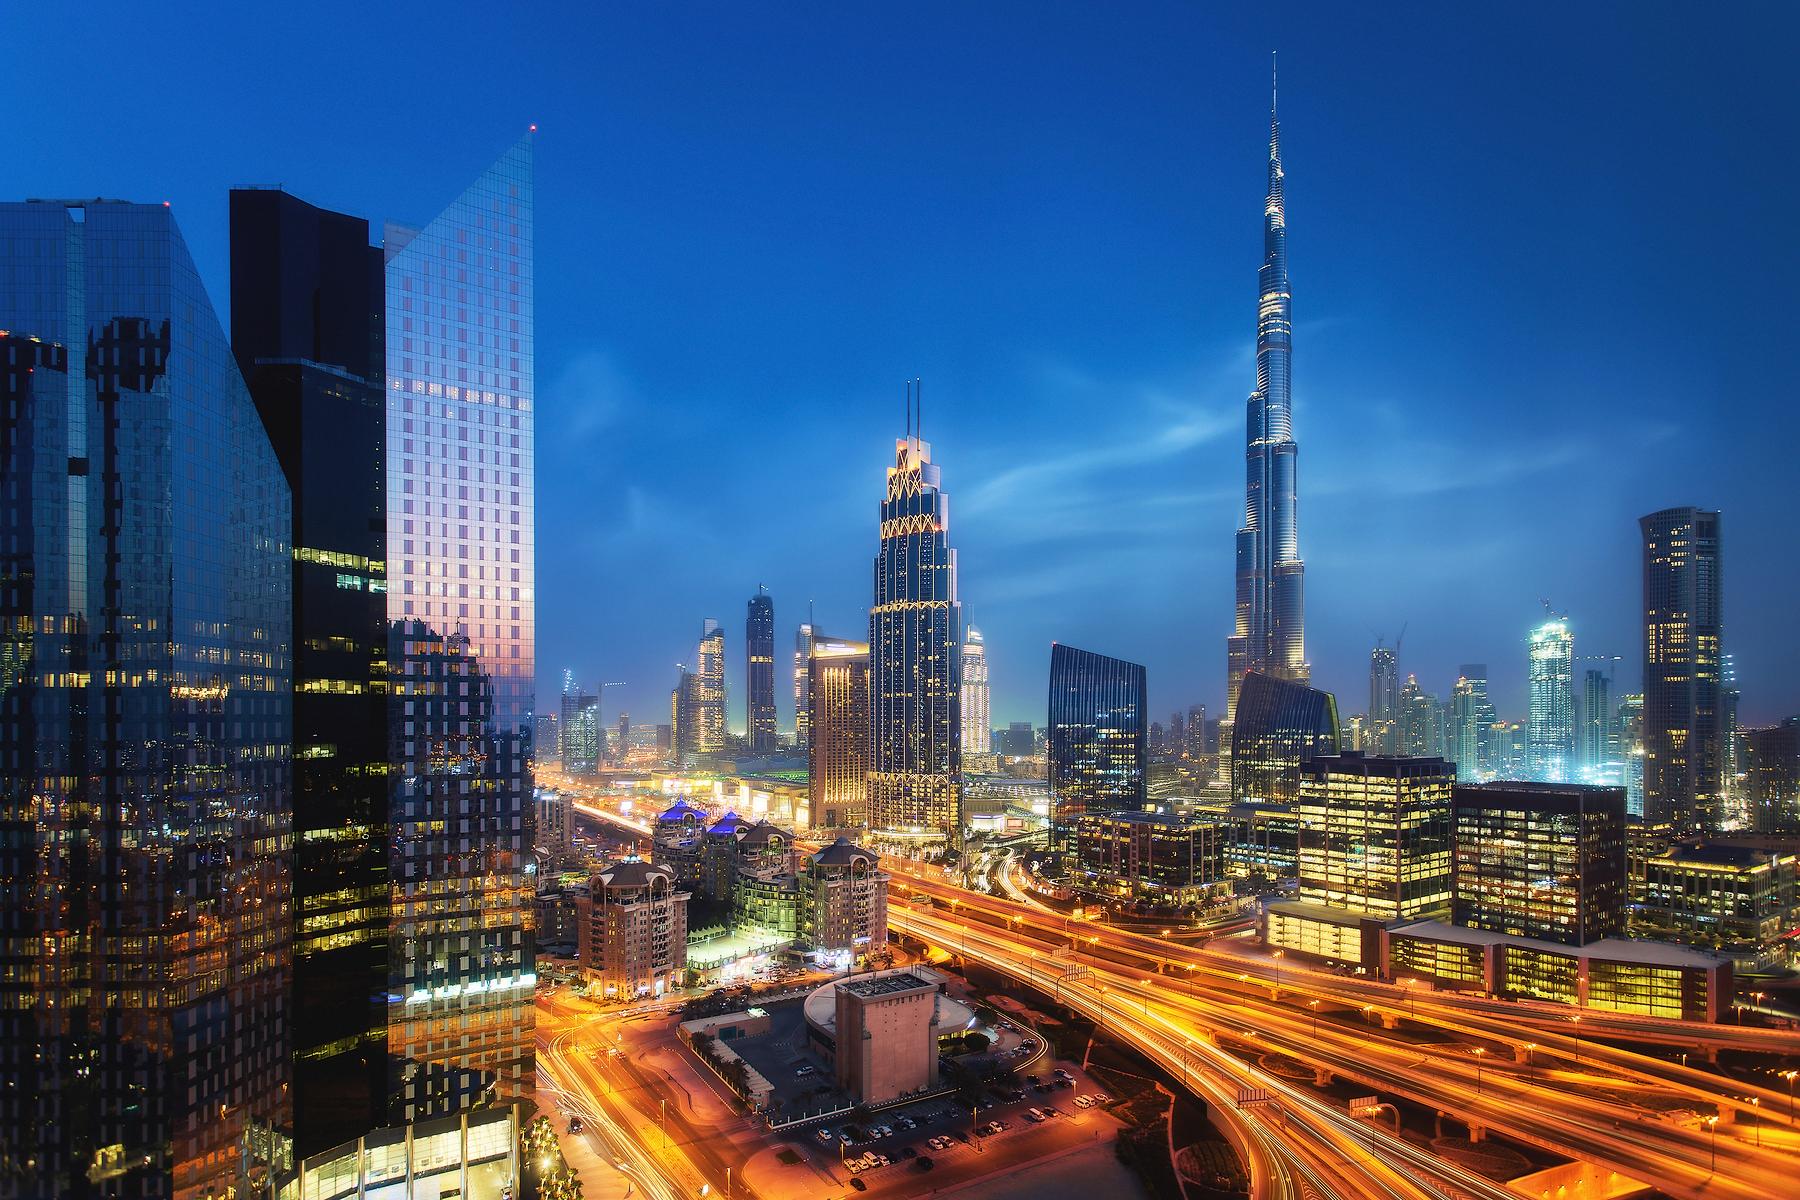 Dubai skyline from Dusit Thani Hotel, UAE, United Arab Emirates